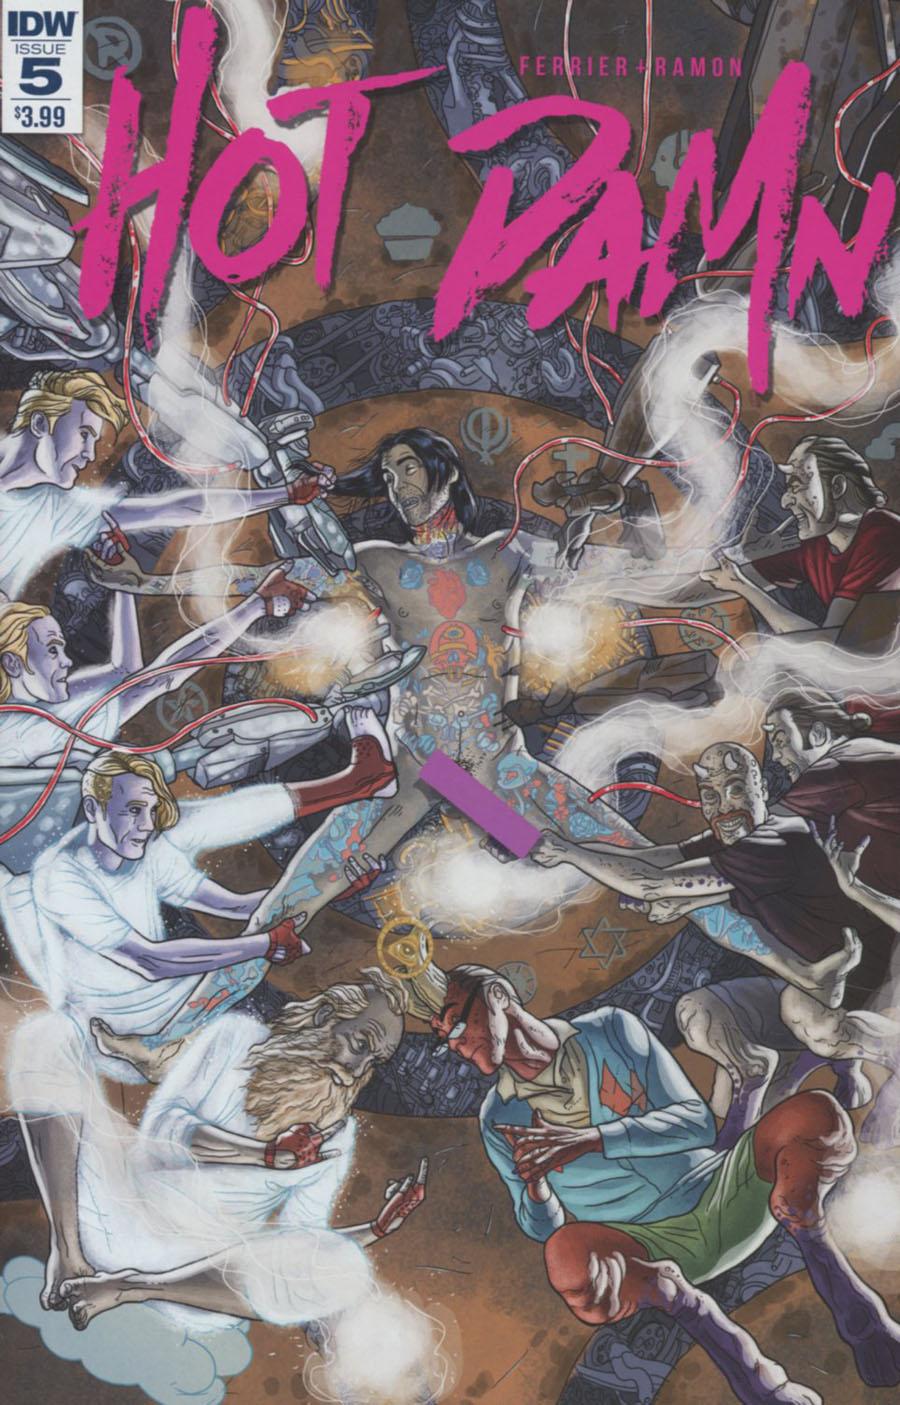 Hot Damn #5 Cover A Regular Valentin Ramon Cover